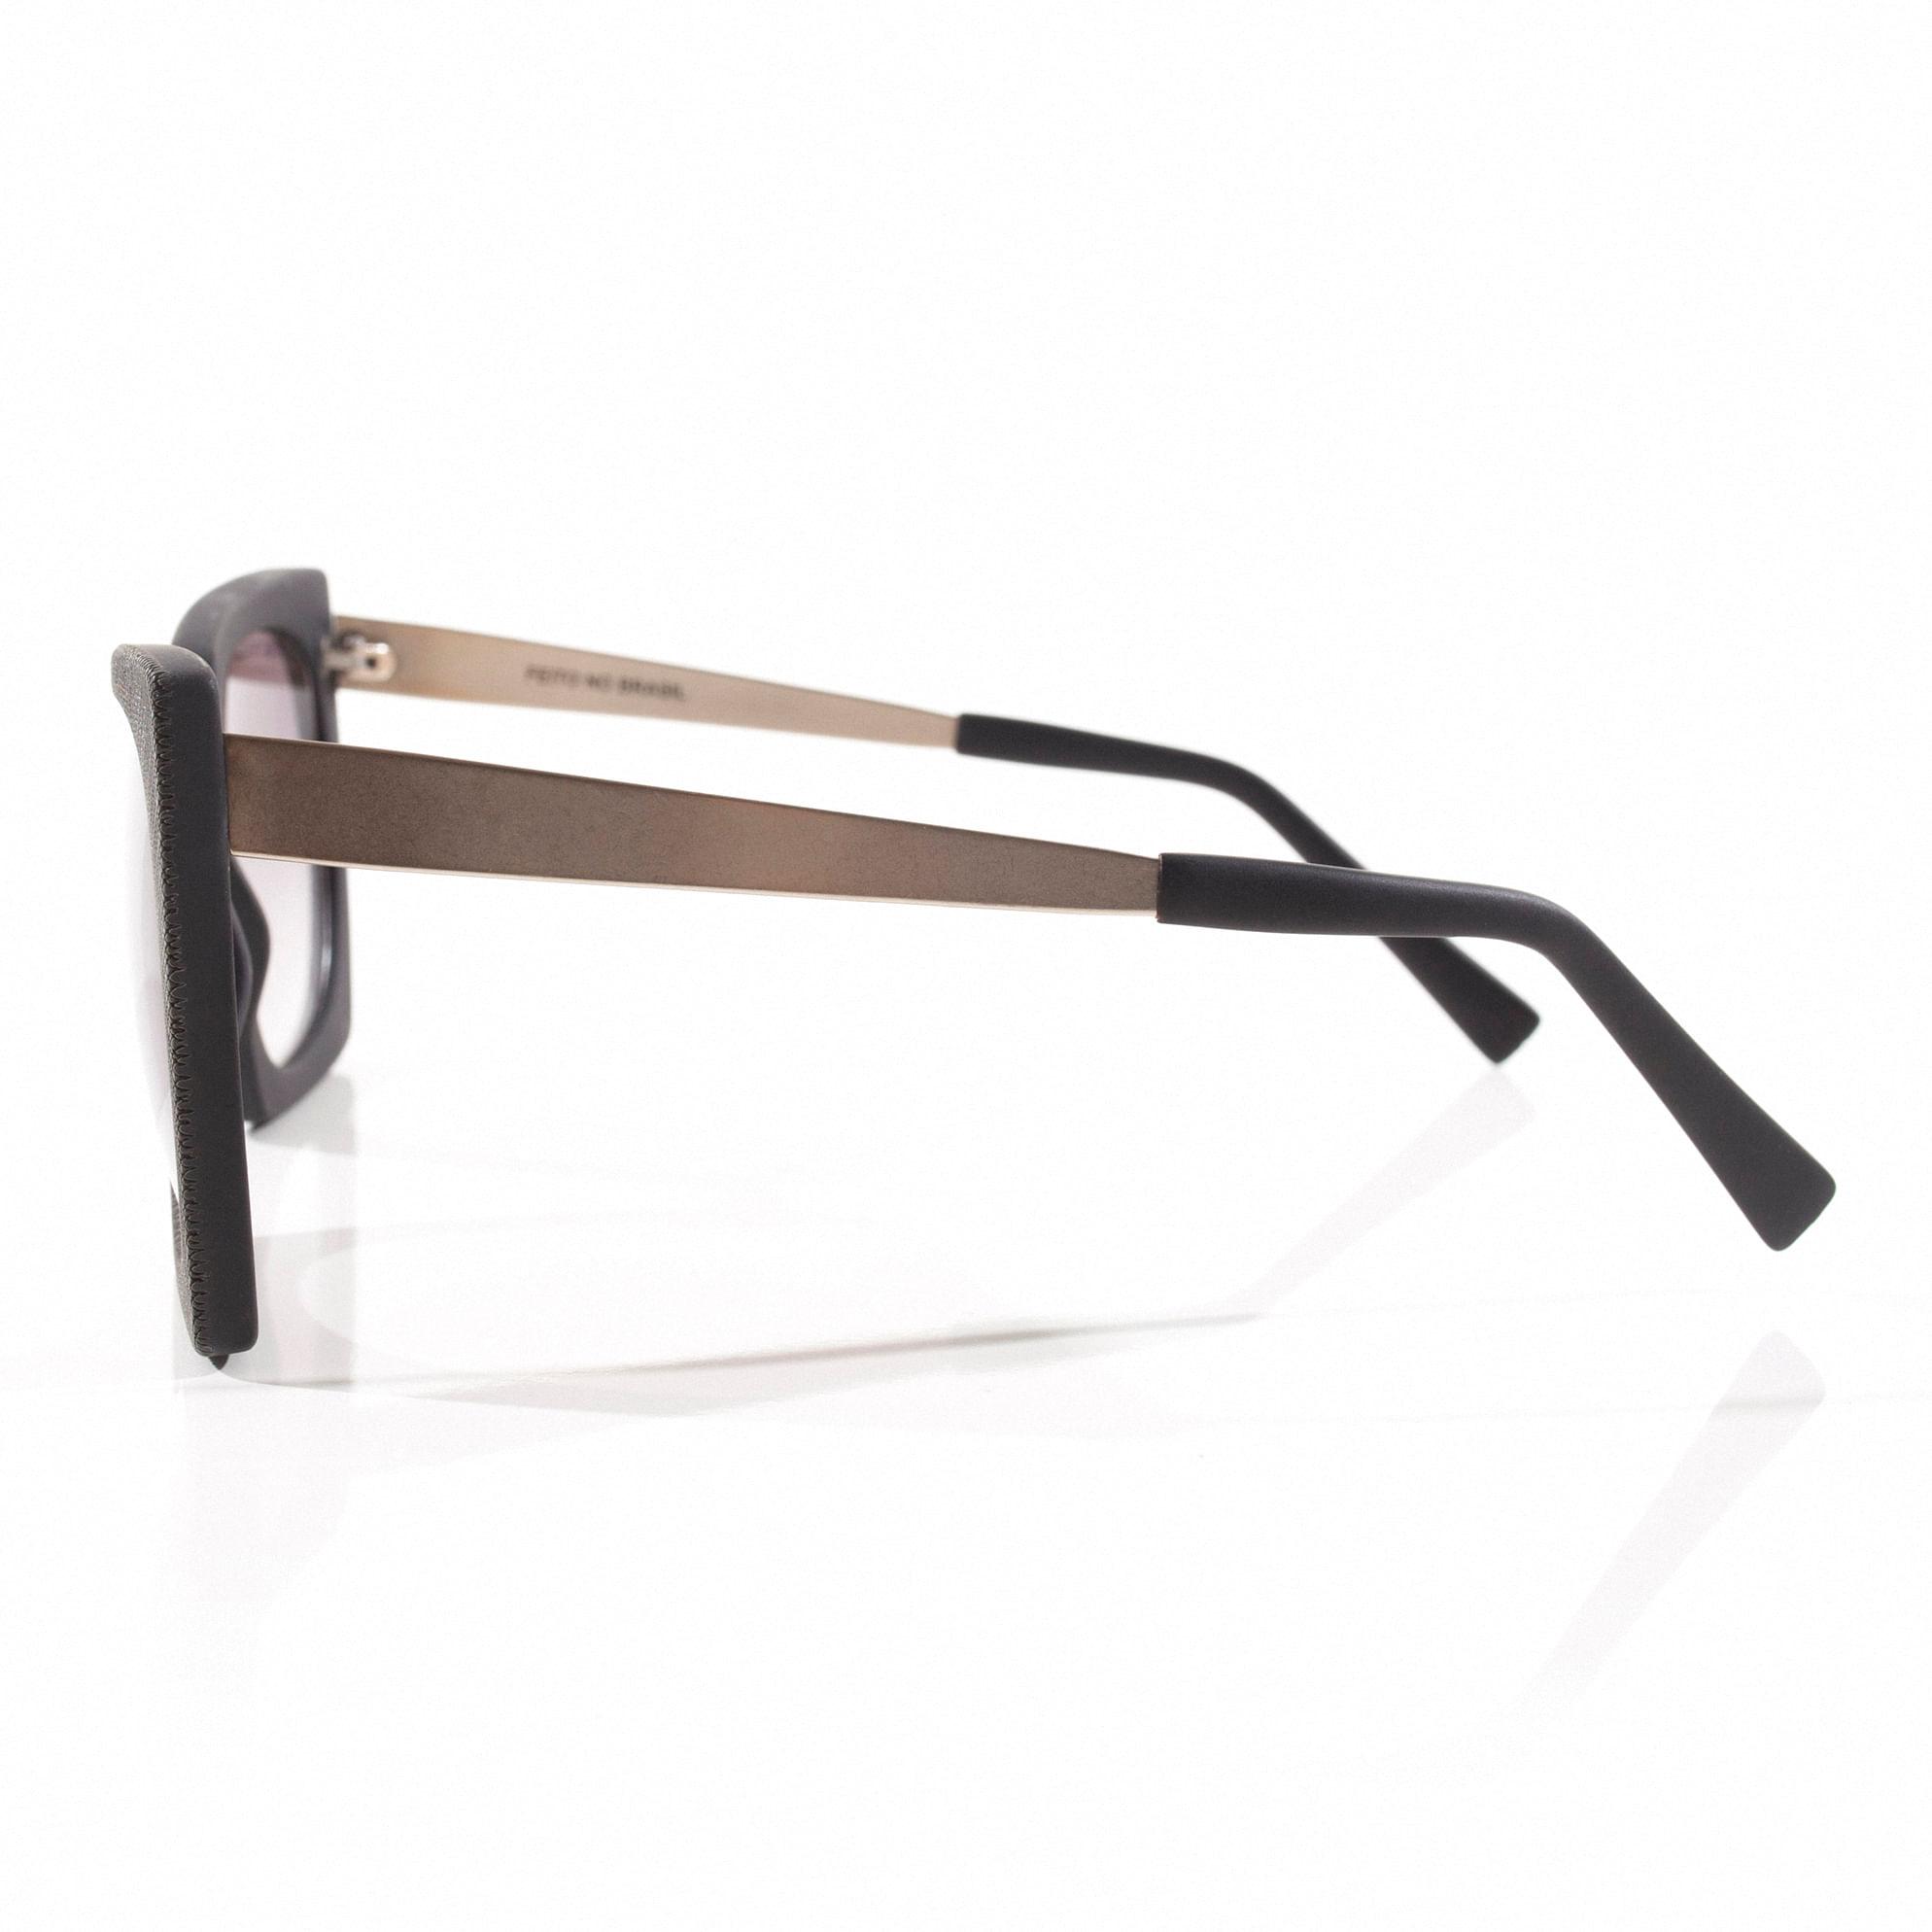 88a7ac967e64d Oculos Squared Texturizado Preto - morenarosa